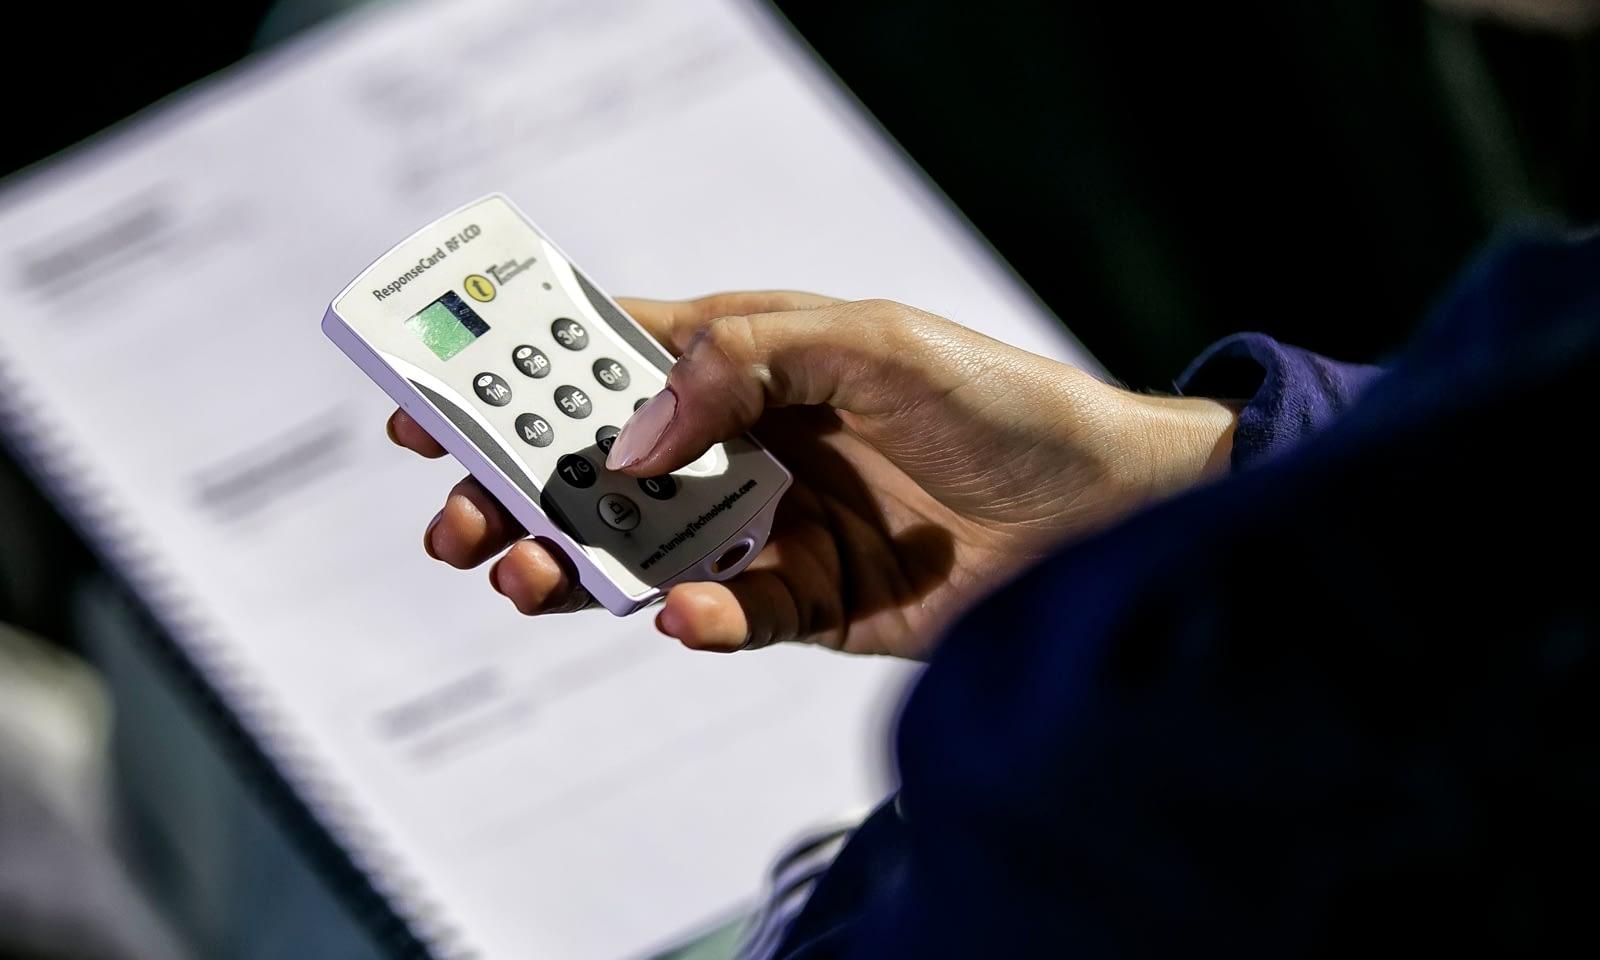 Voting / polling systems Brill AV Media